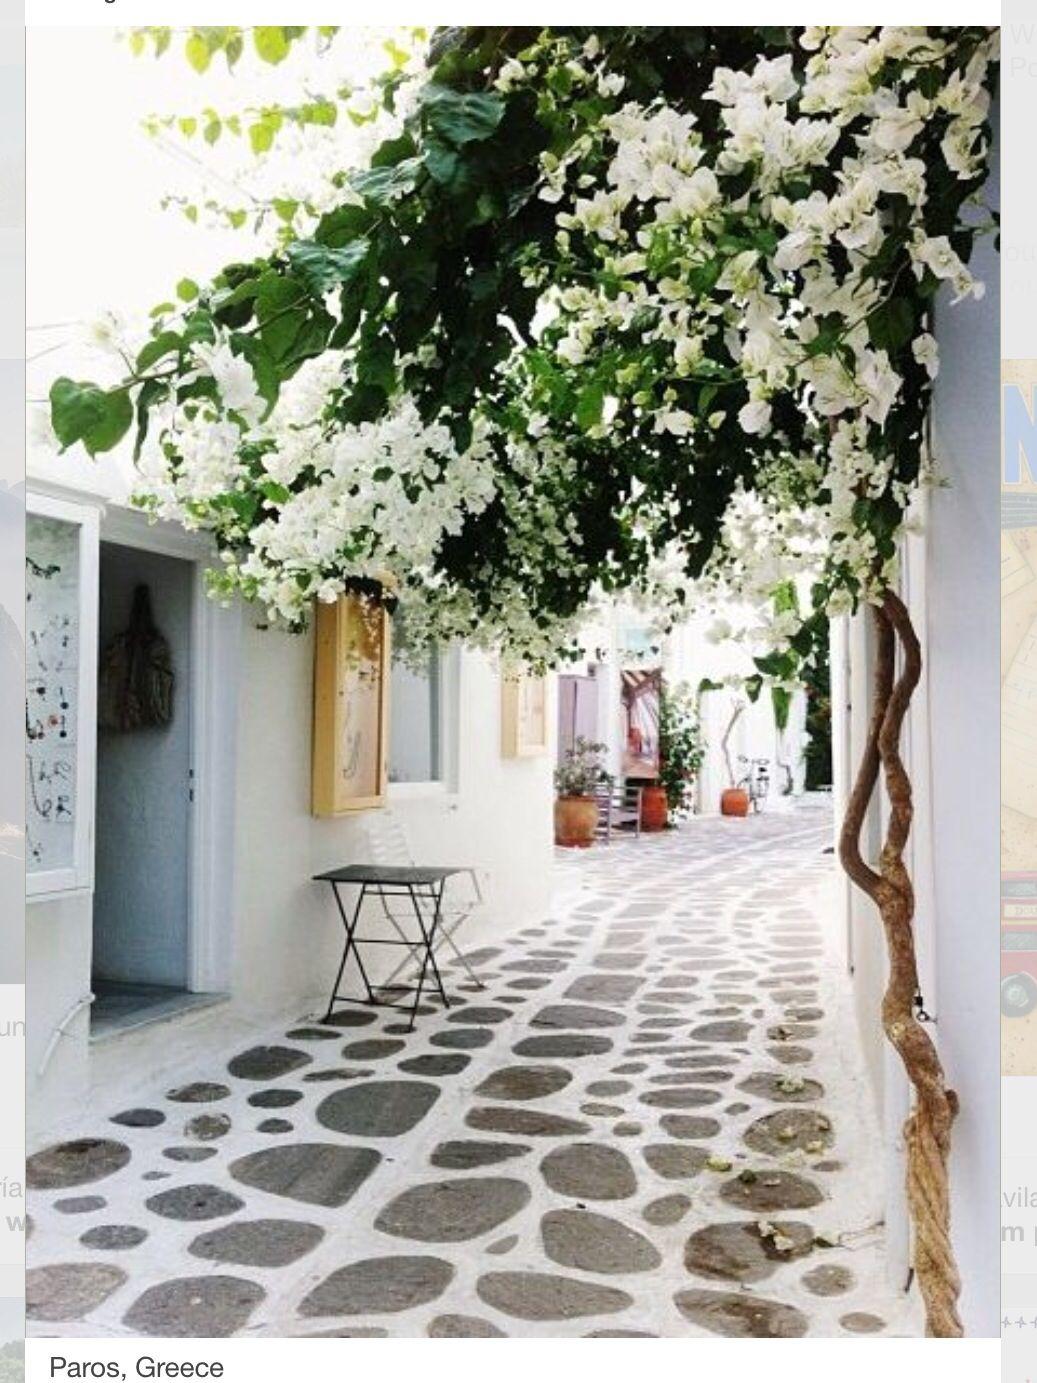 ...por acá...parece tranquilo y amistoso...Tan linda Grecia!